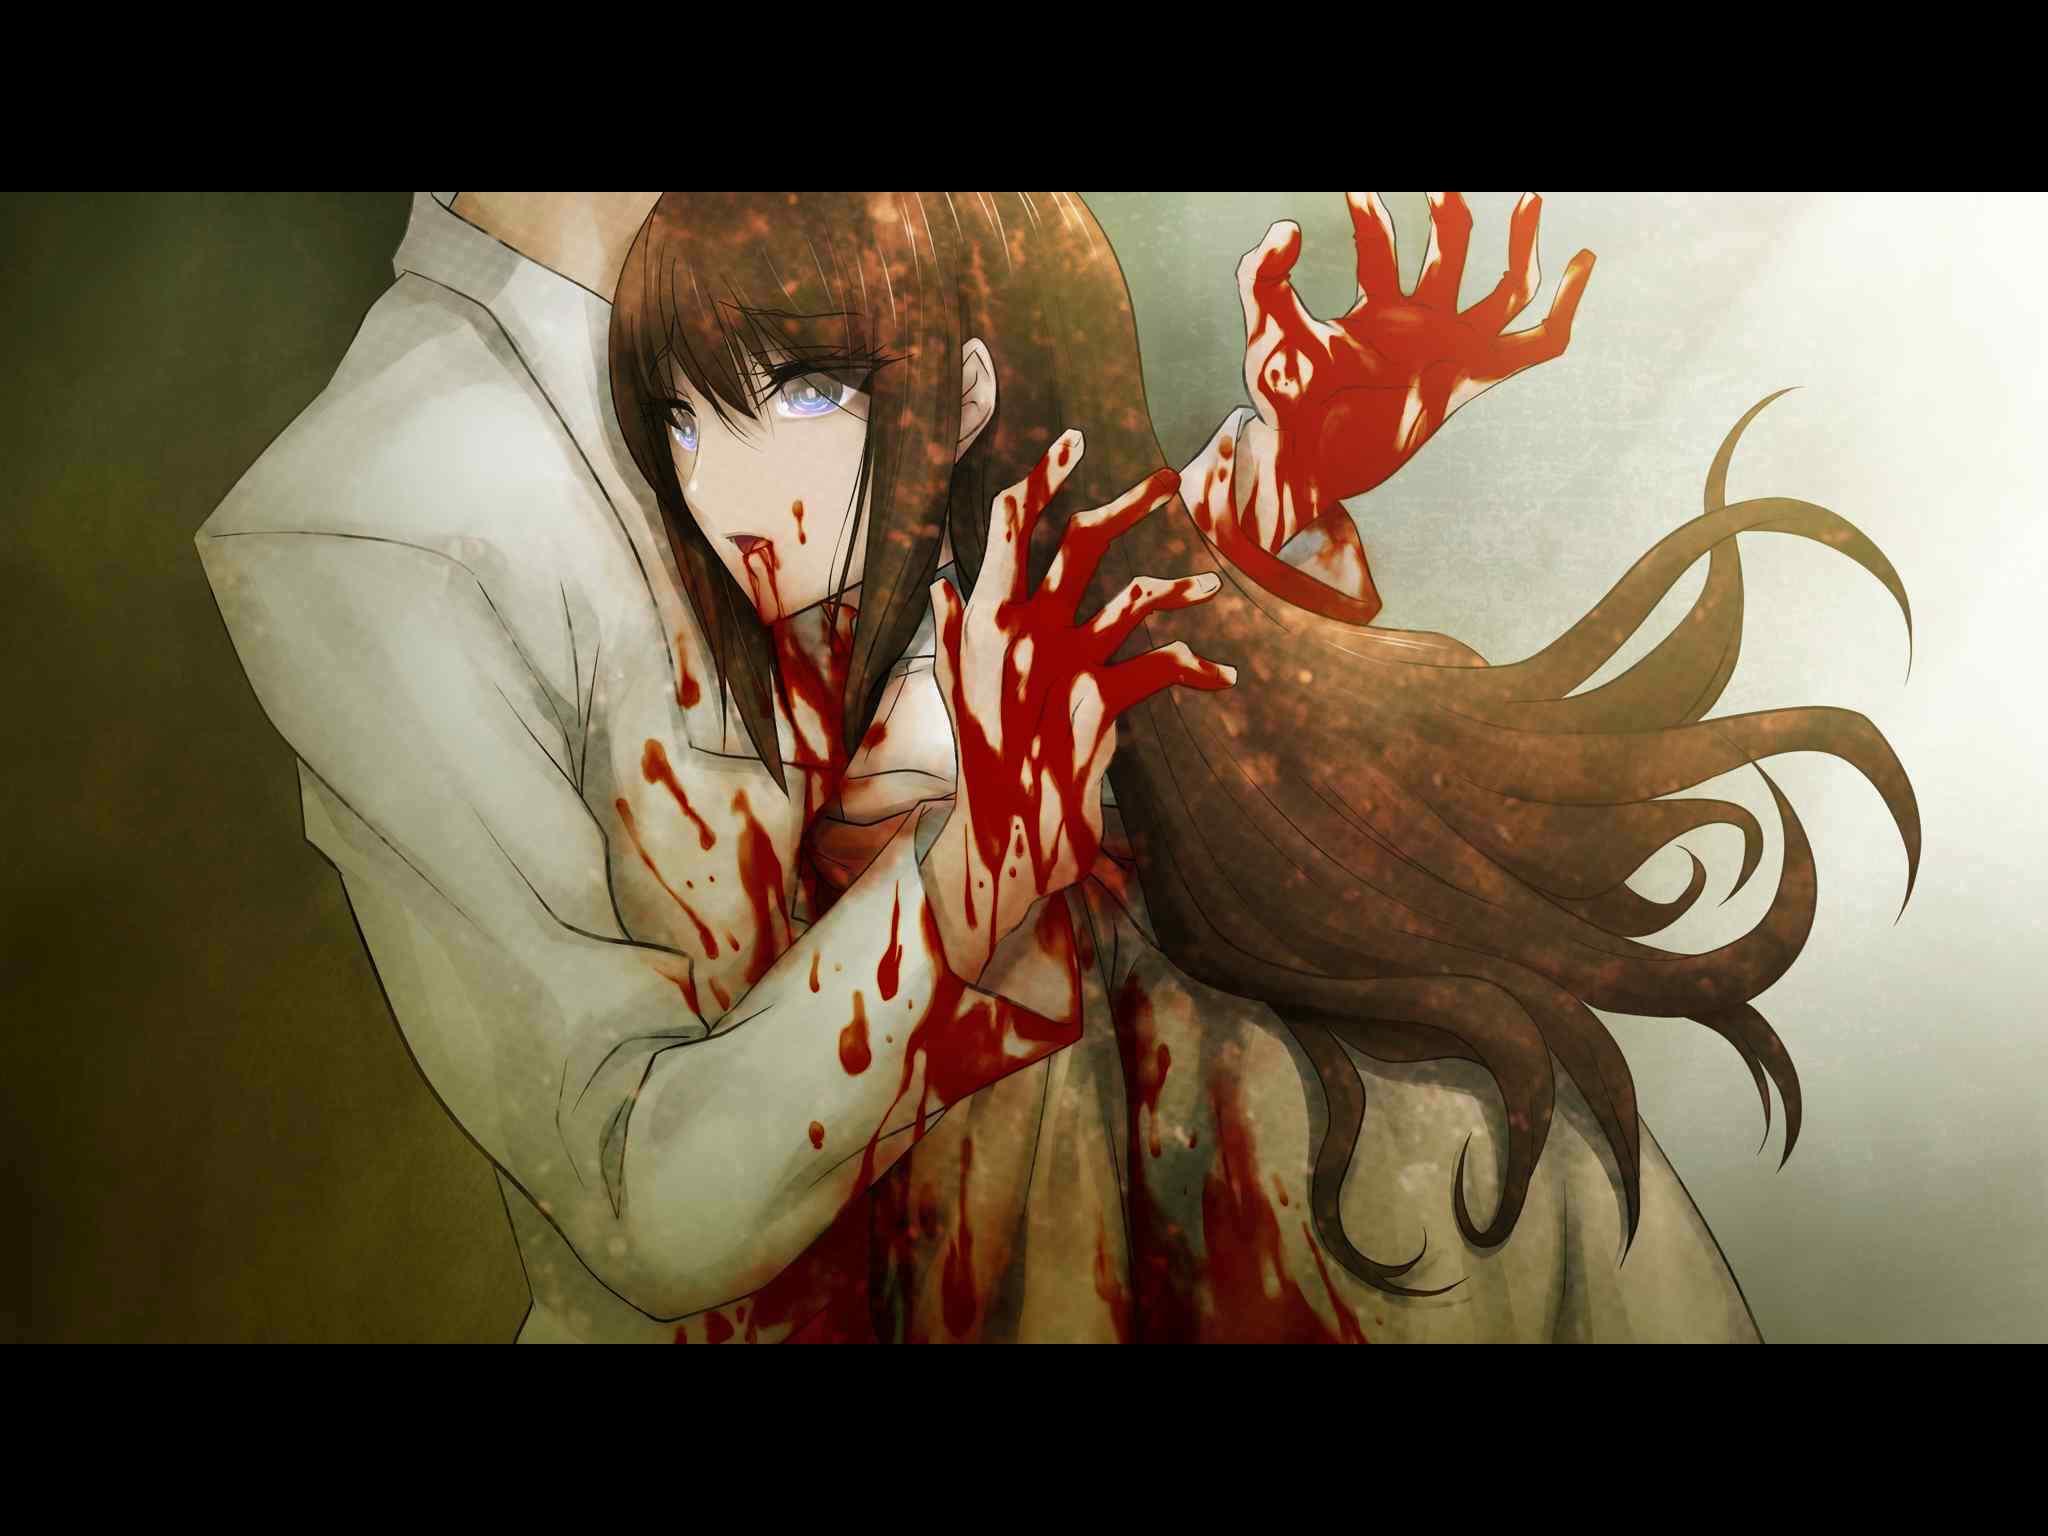 クリスを刺し殺してしまう岡部倫太郎